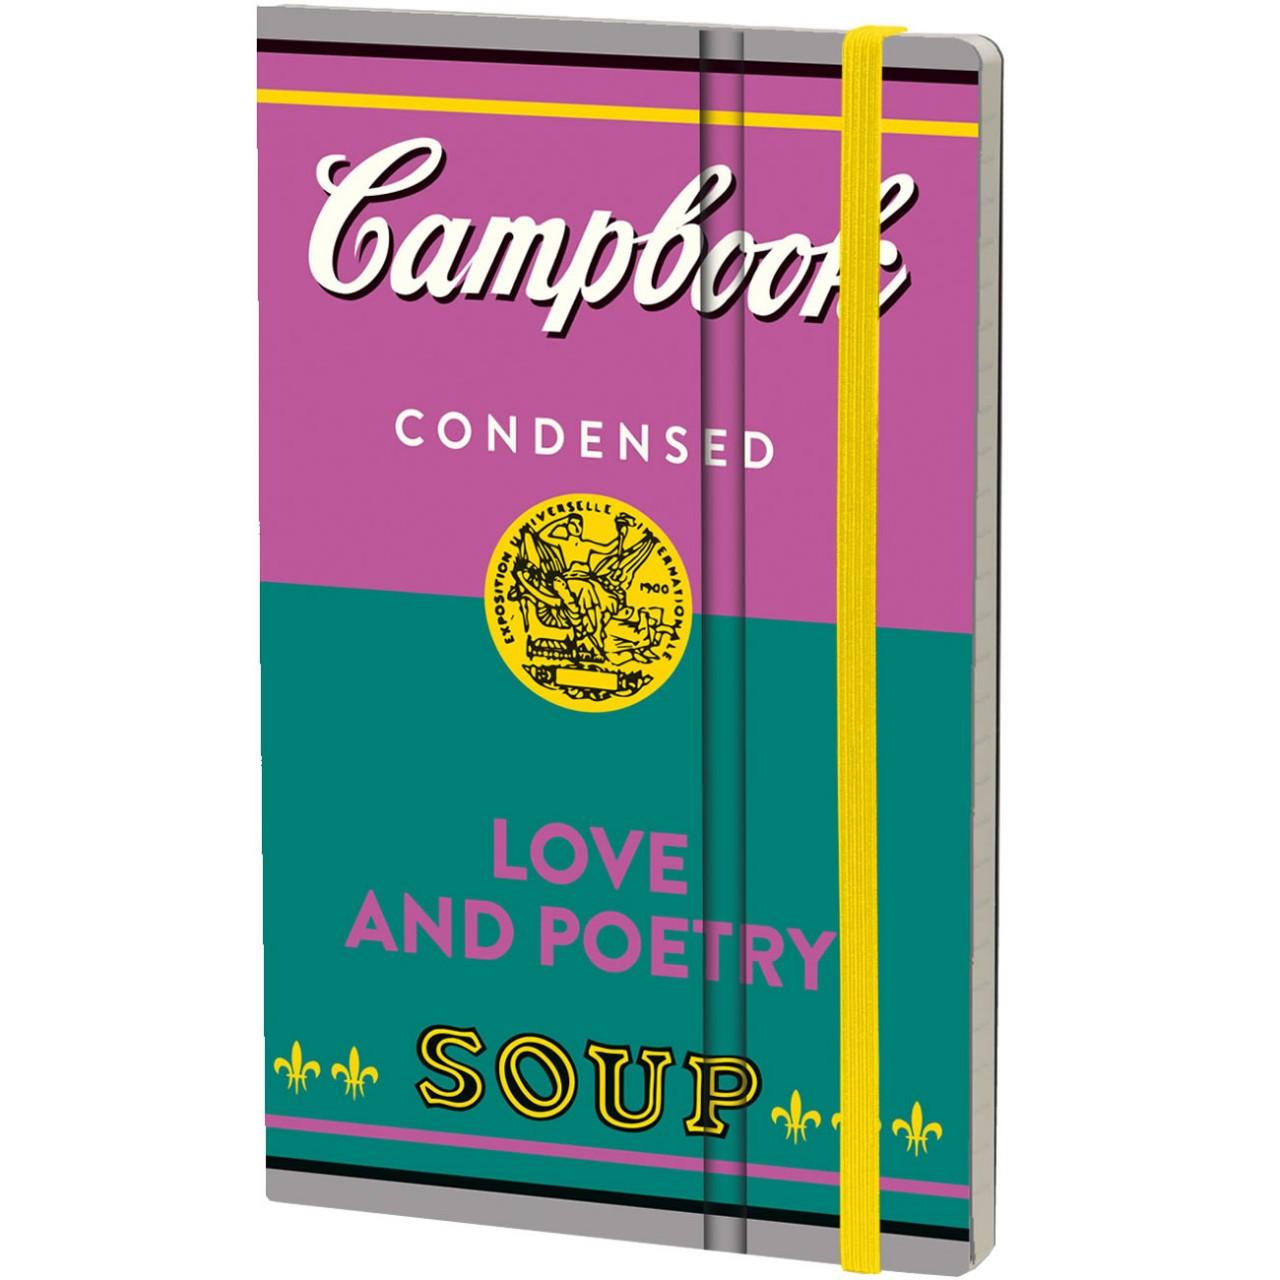 Stifflexible Notizbuch CAMPBOOK 13 x 21 cm 192 S., LOVE AND POETRY